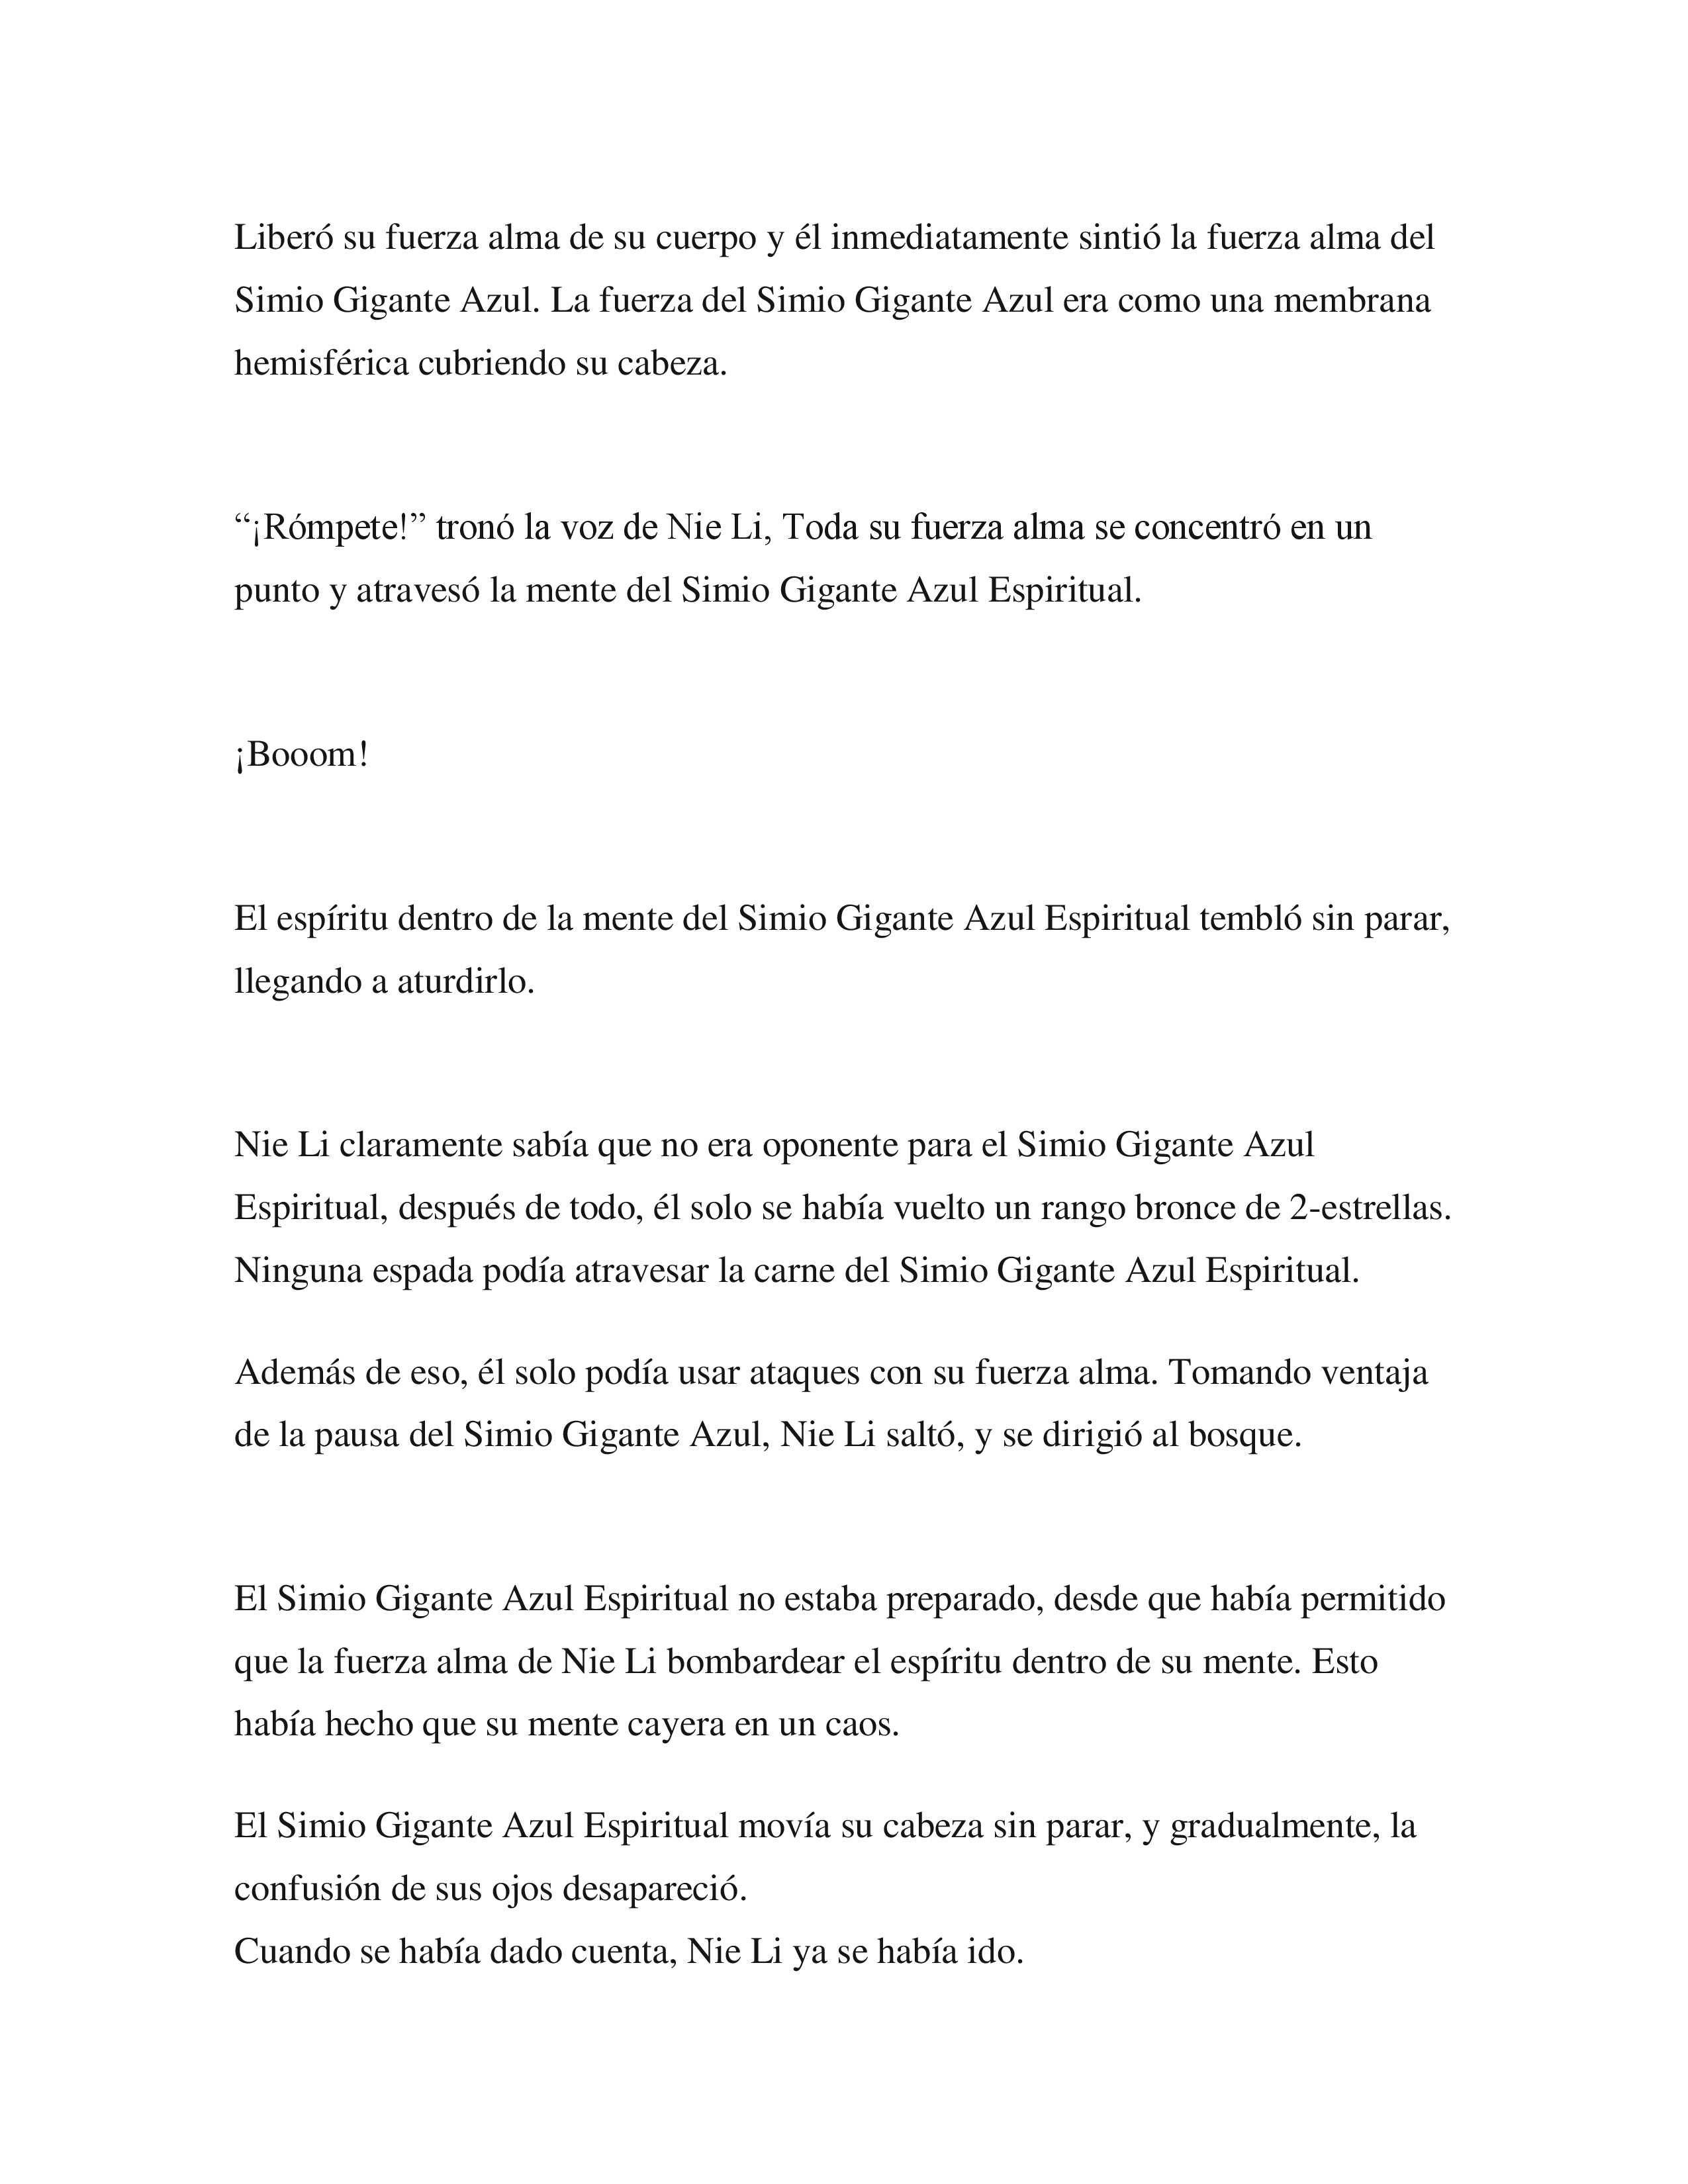 https://c5.ninemanga.com/es_manga/44/20012/484378/e86a8605bdb65aea12a47524b4e3eb51.jpg Page 7